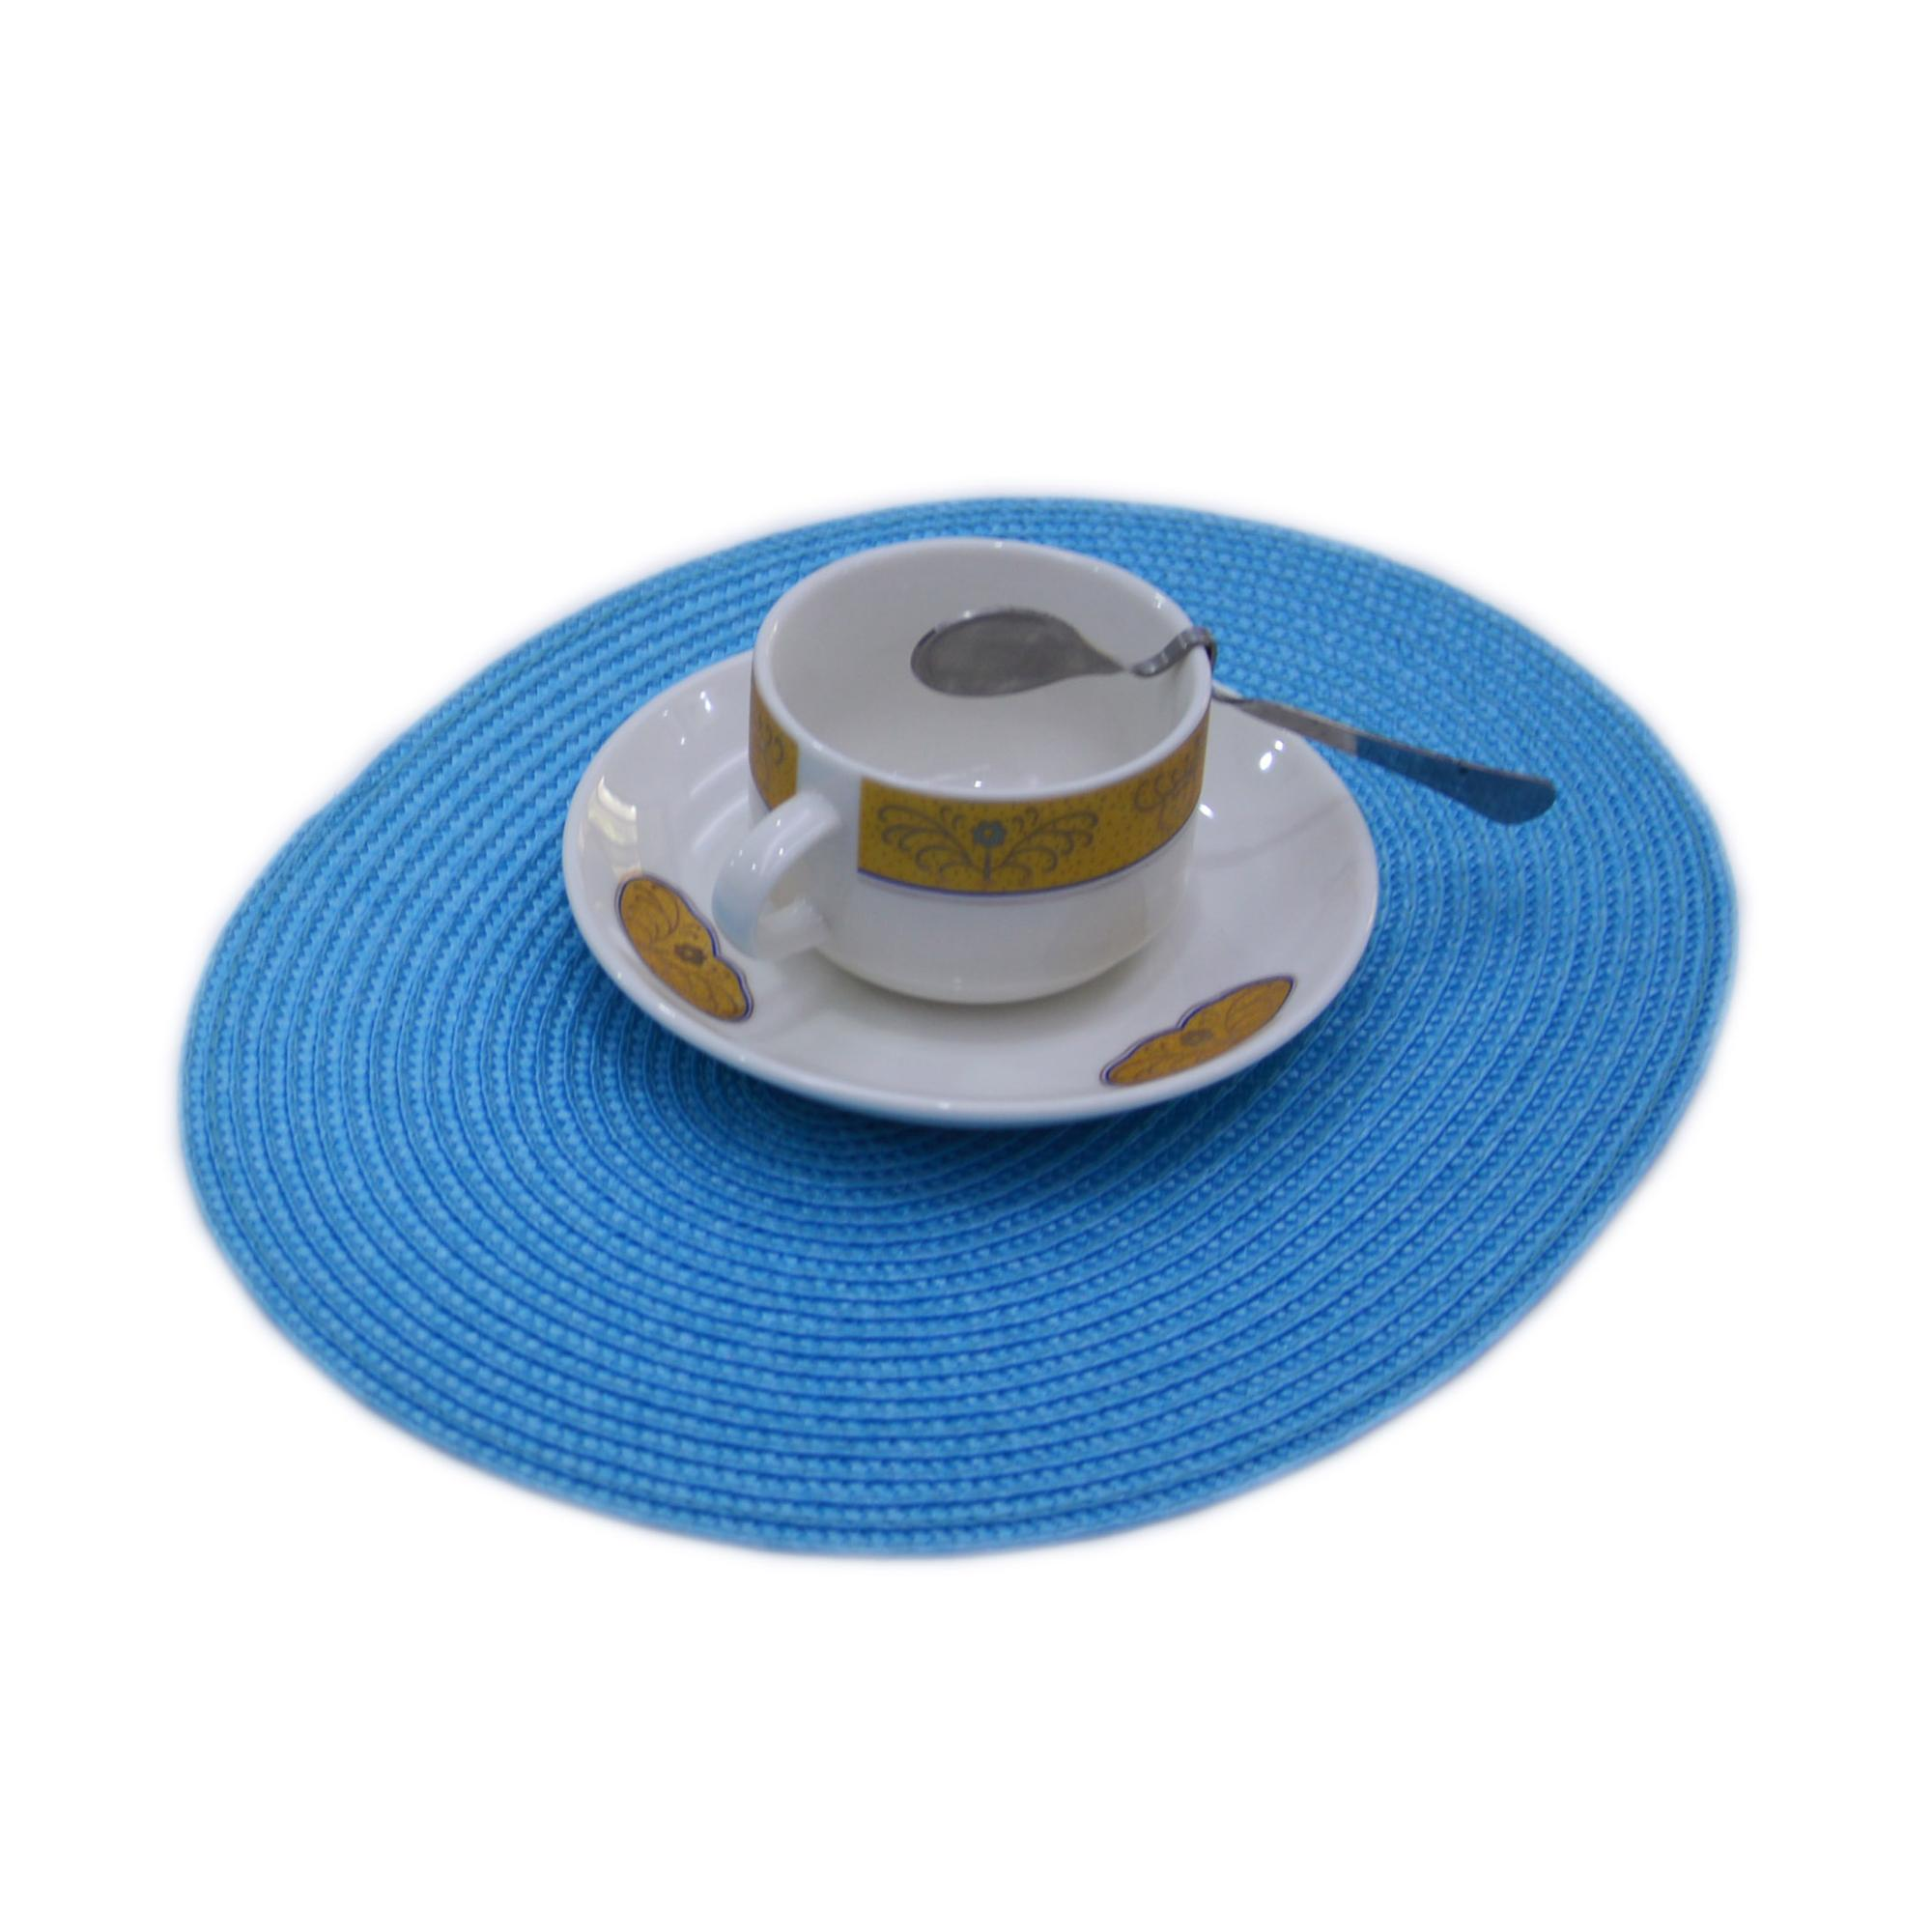 Personalizzato stampato tovaglietta e stuoia di tabella, la natura tovaglietta, schiuma di pvc tovaglietta